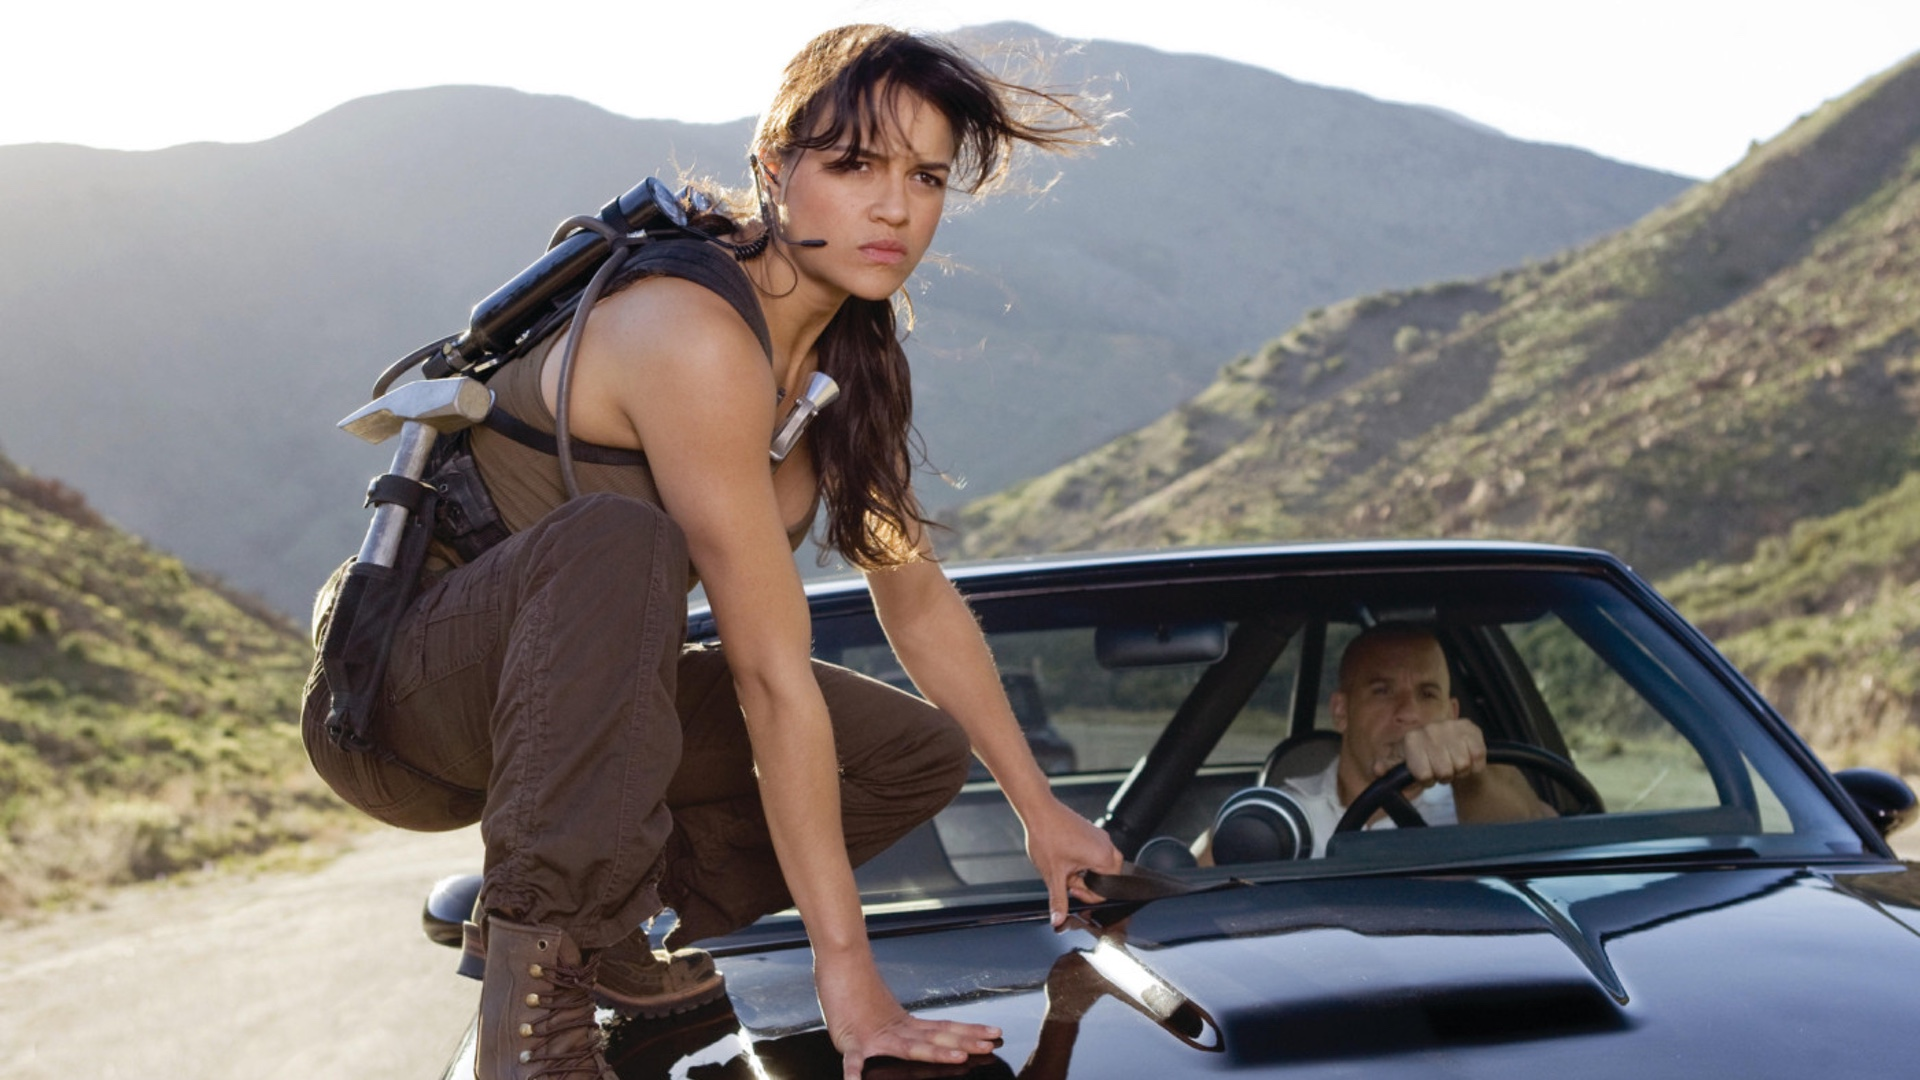 «Форсаж» получит спин-офф о женских персонажах